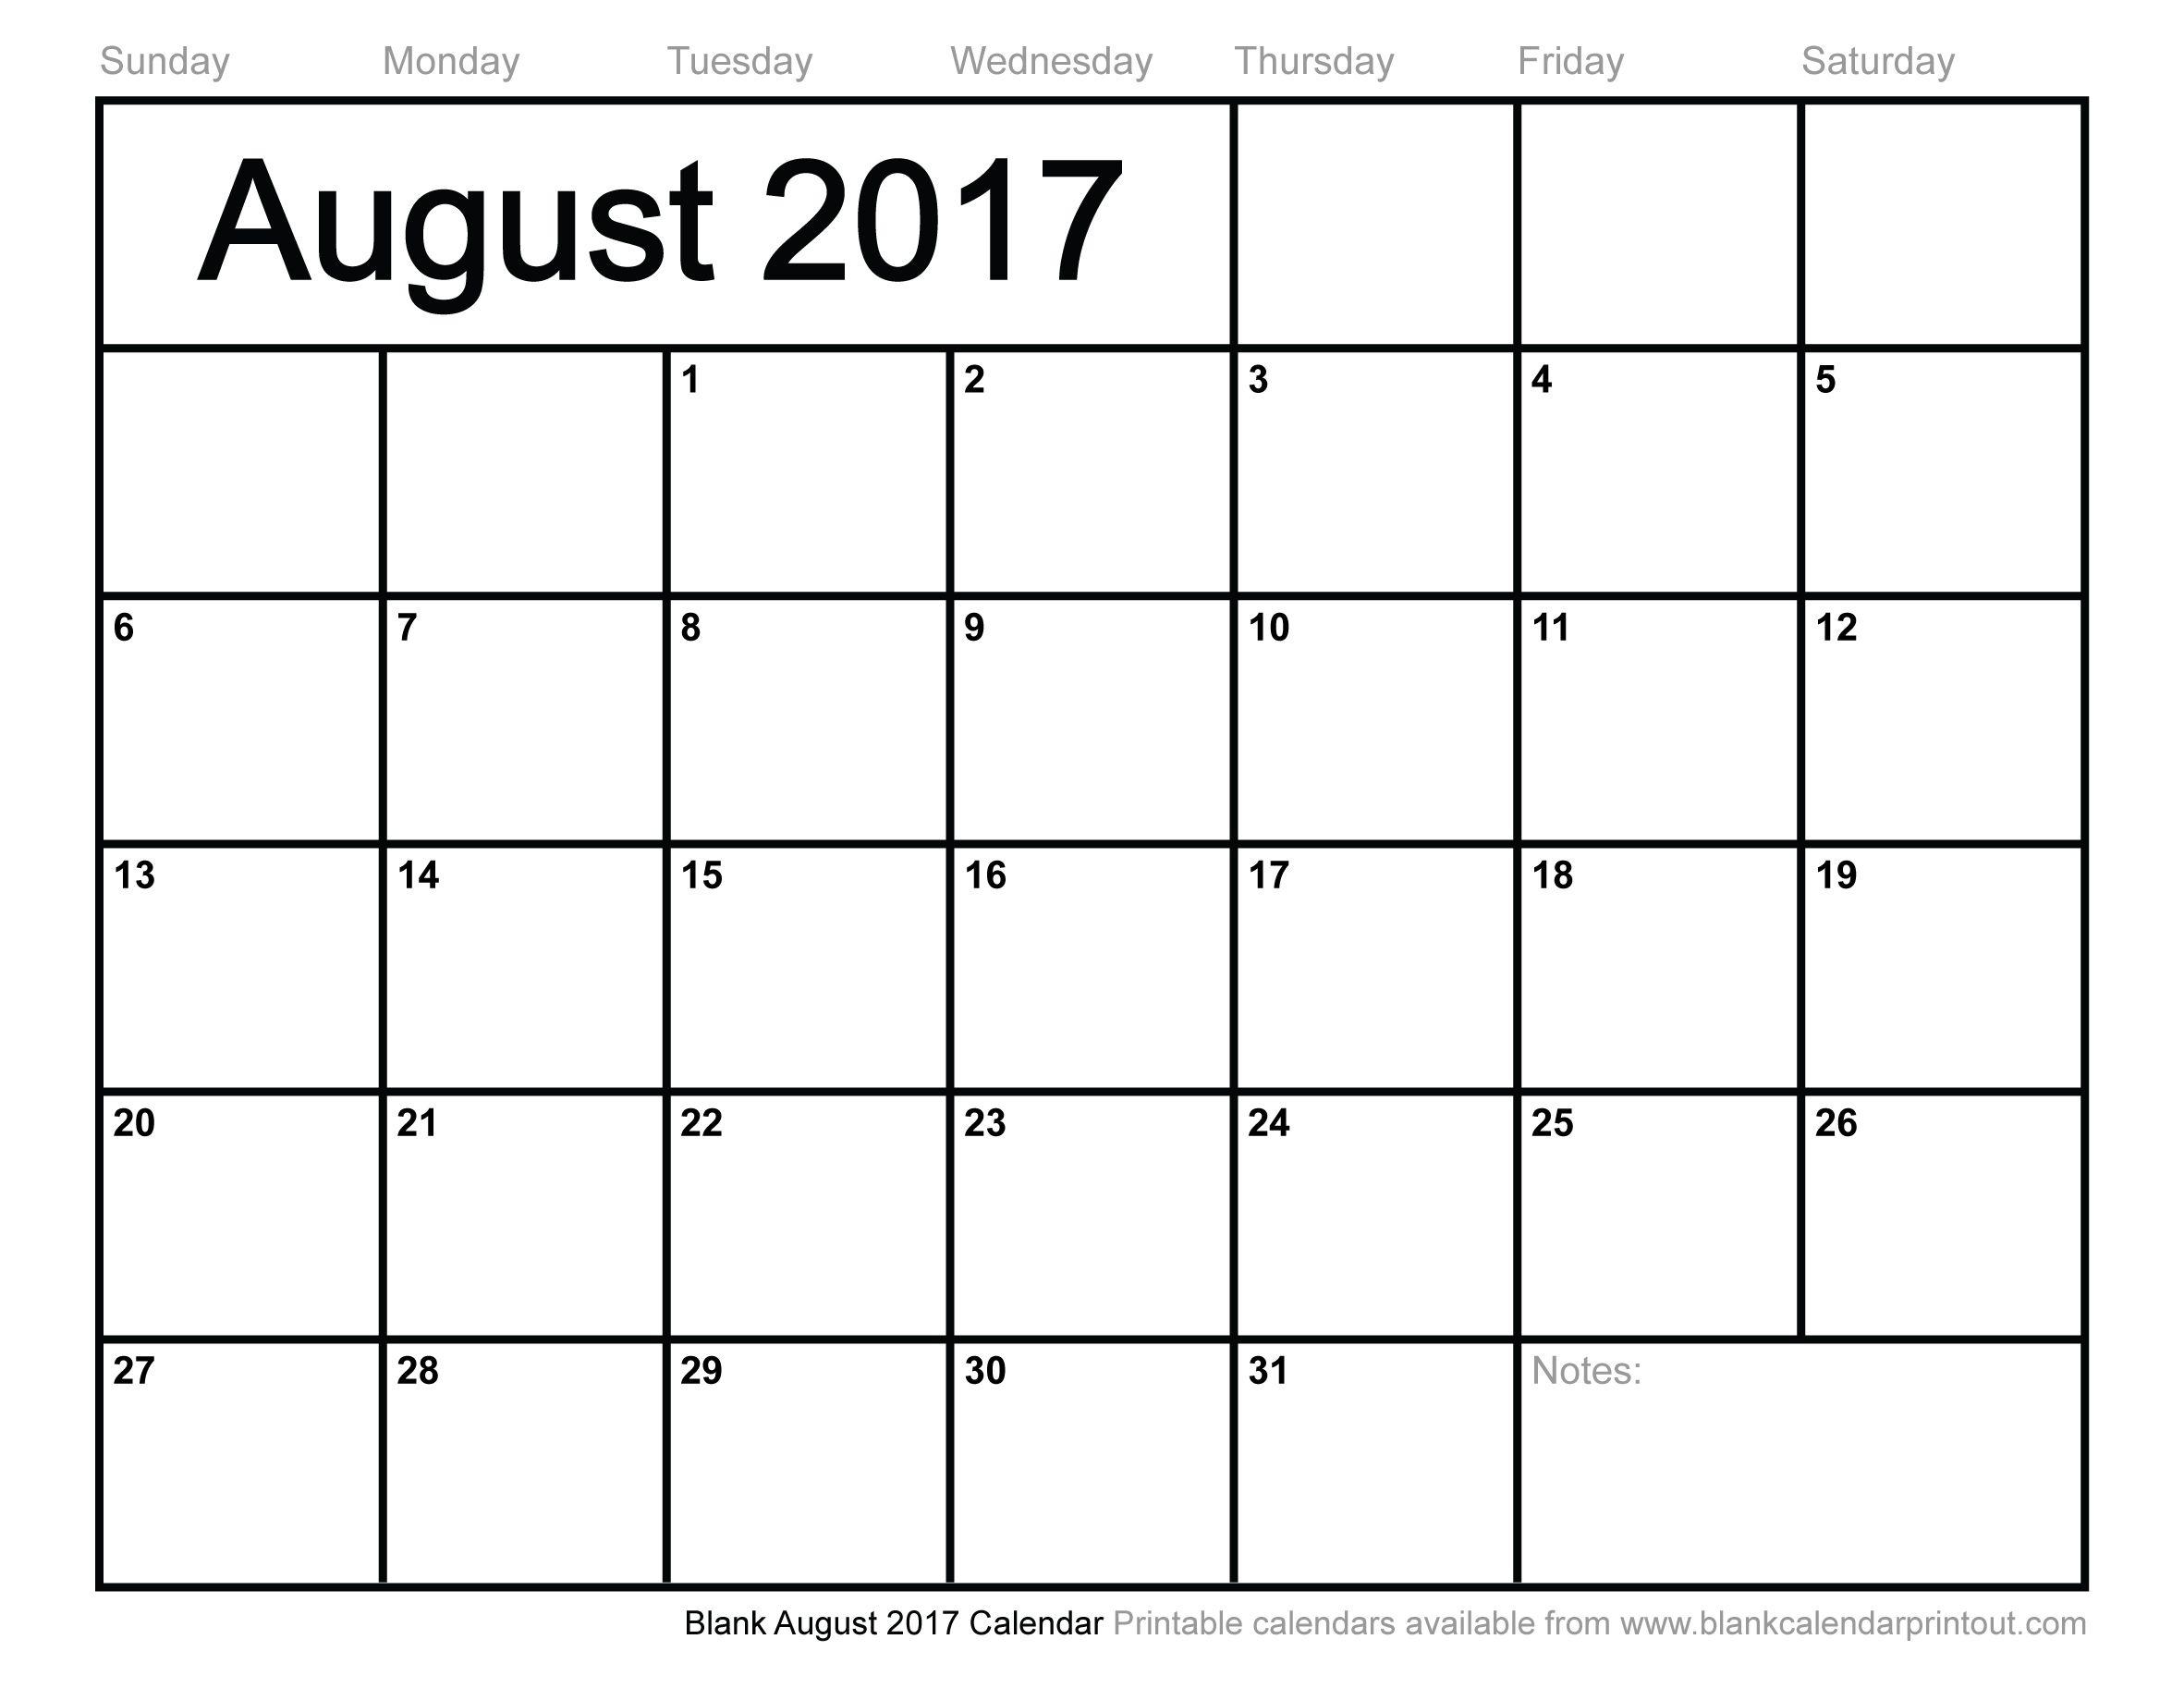 Blank August 2017 Calendar Calendar August Pinterest Blank